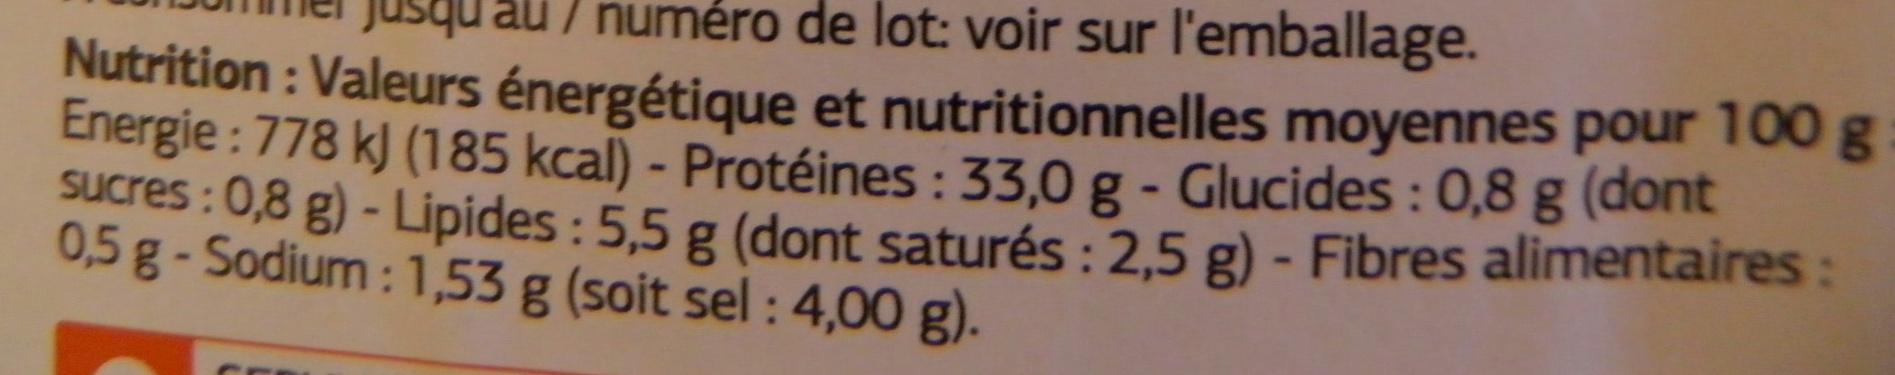 Viande séchée dans les Alpes - Informations nutritionnelles